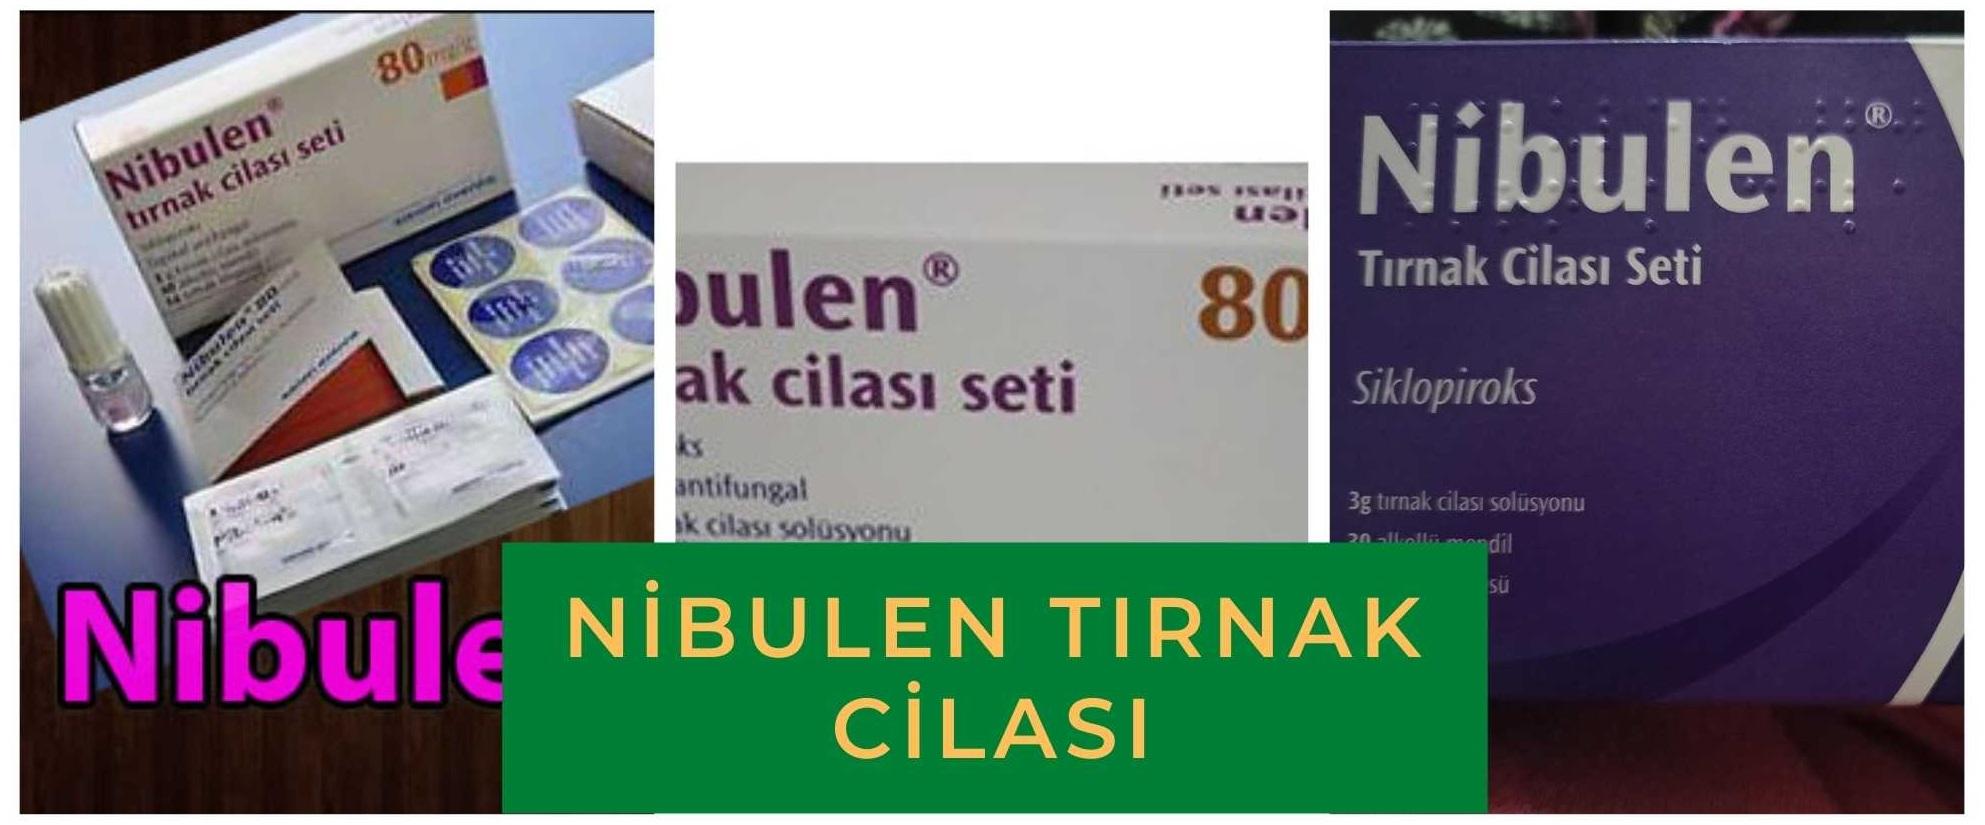 nibulen-tırnak-cilası